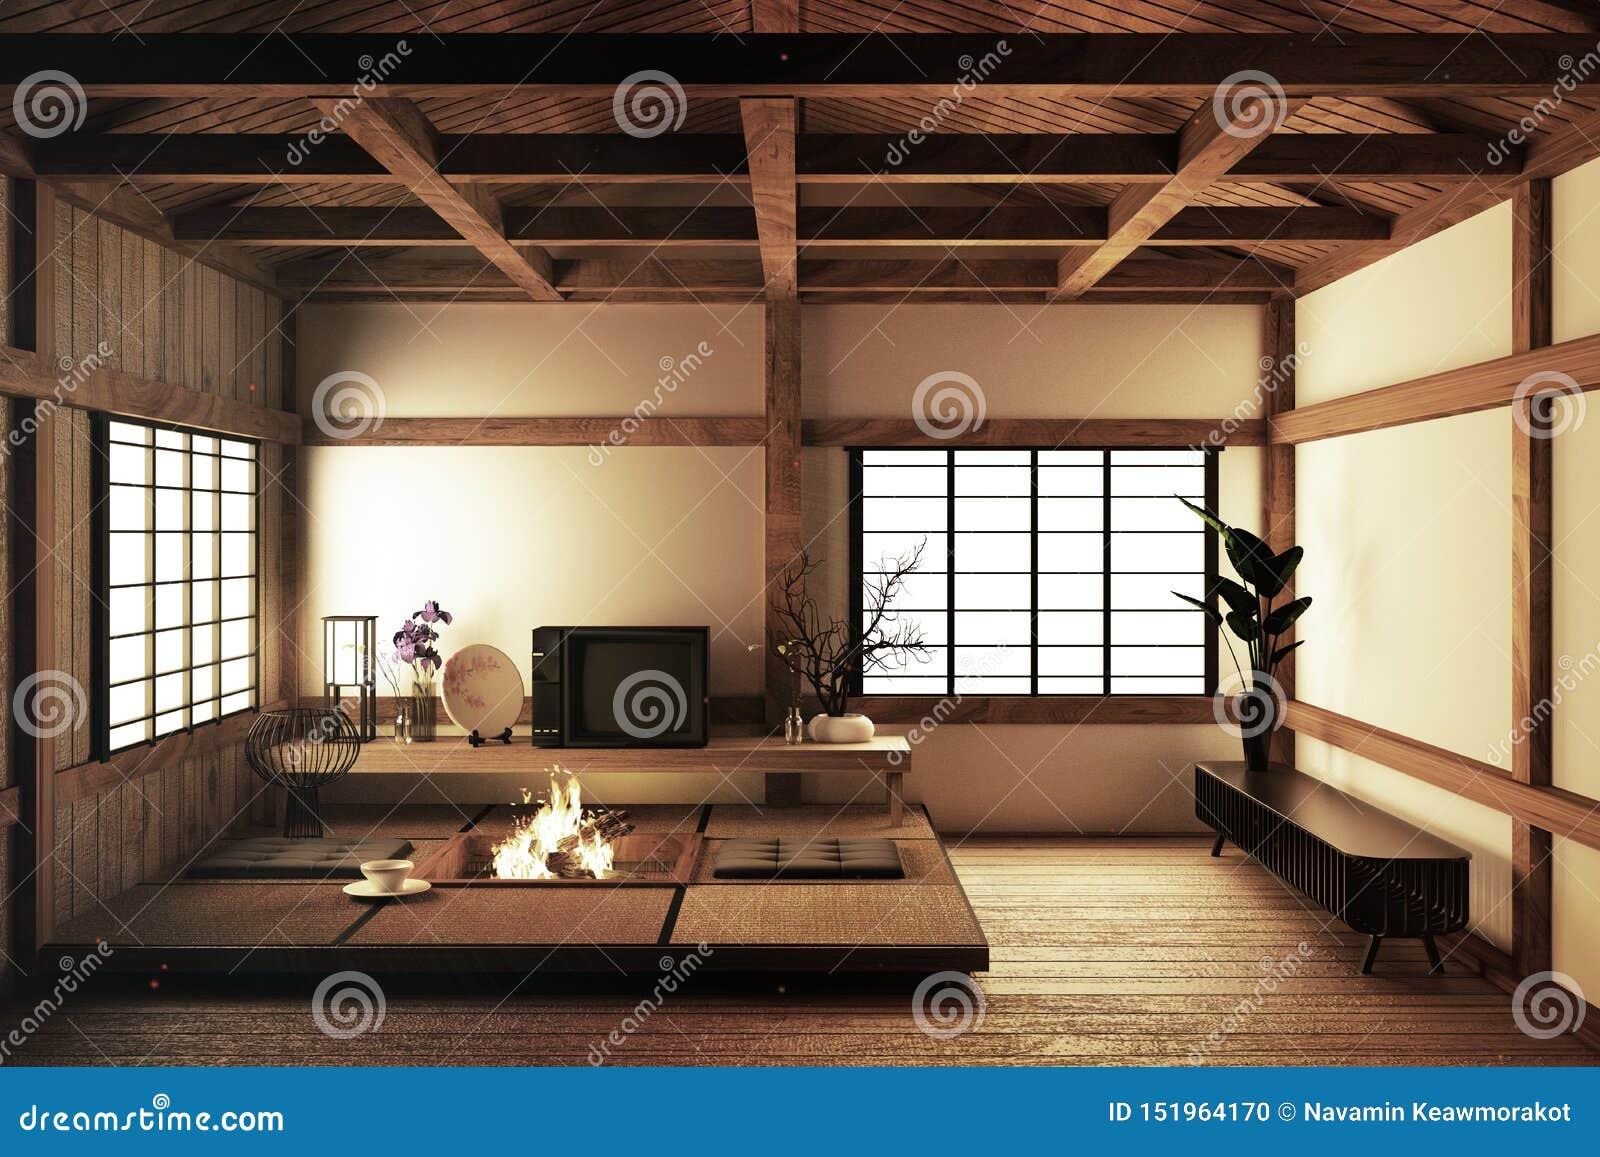 modern japanese living room